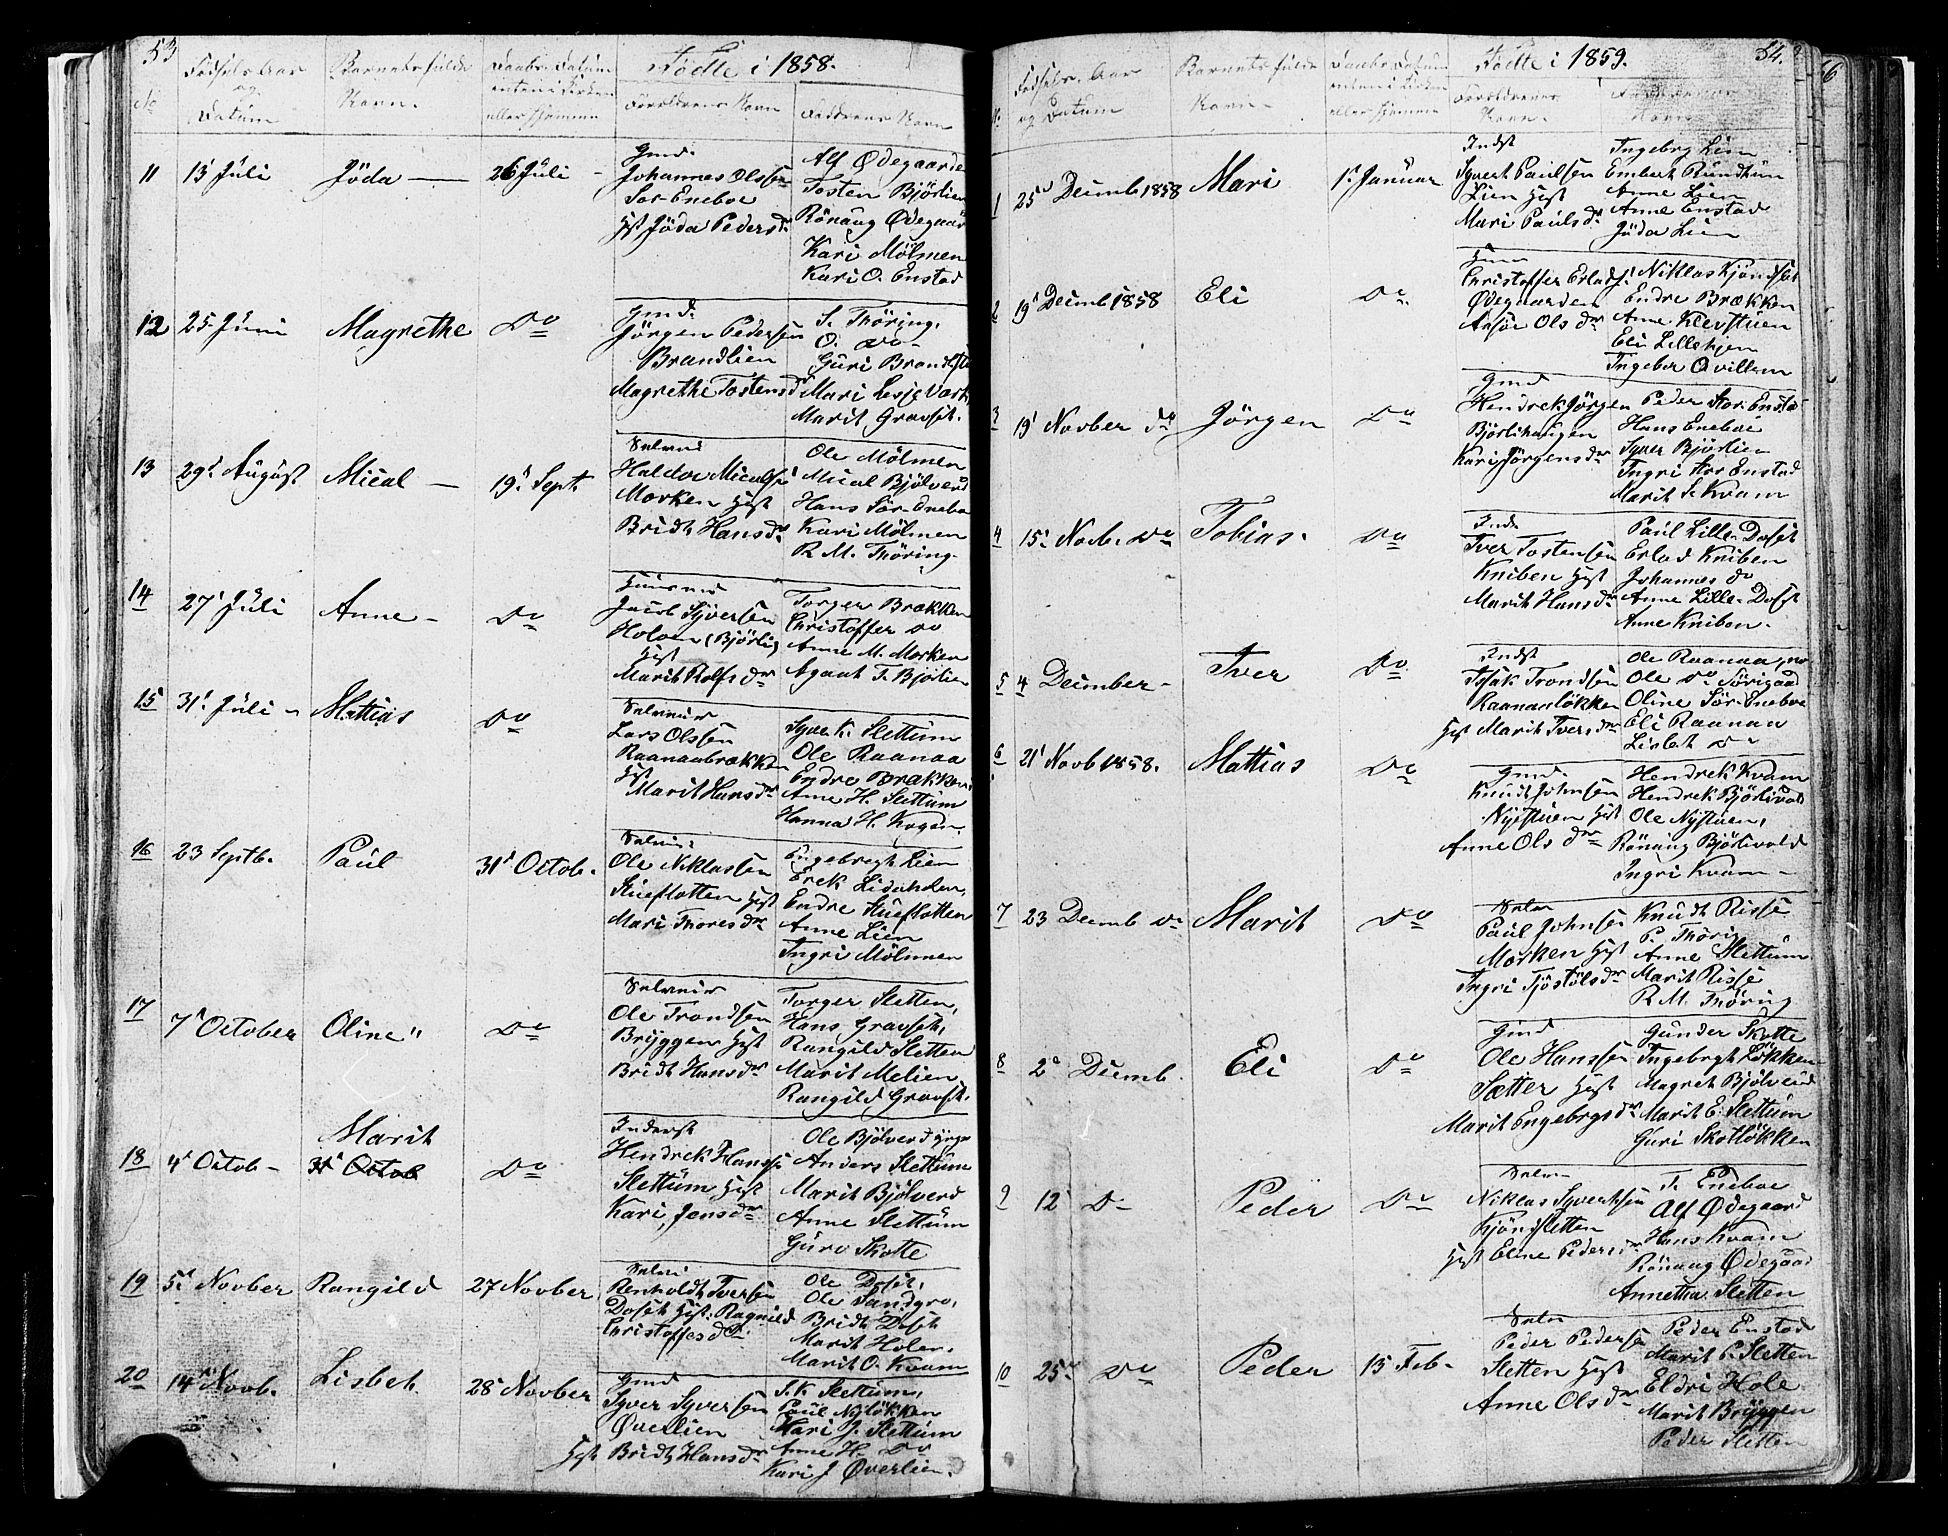 SAH, Lesja prestekontor, Parish register (copy) no. 4, 1842-1871, p. 53-54